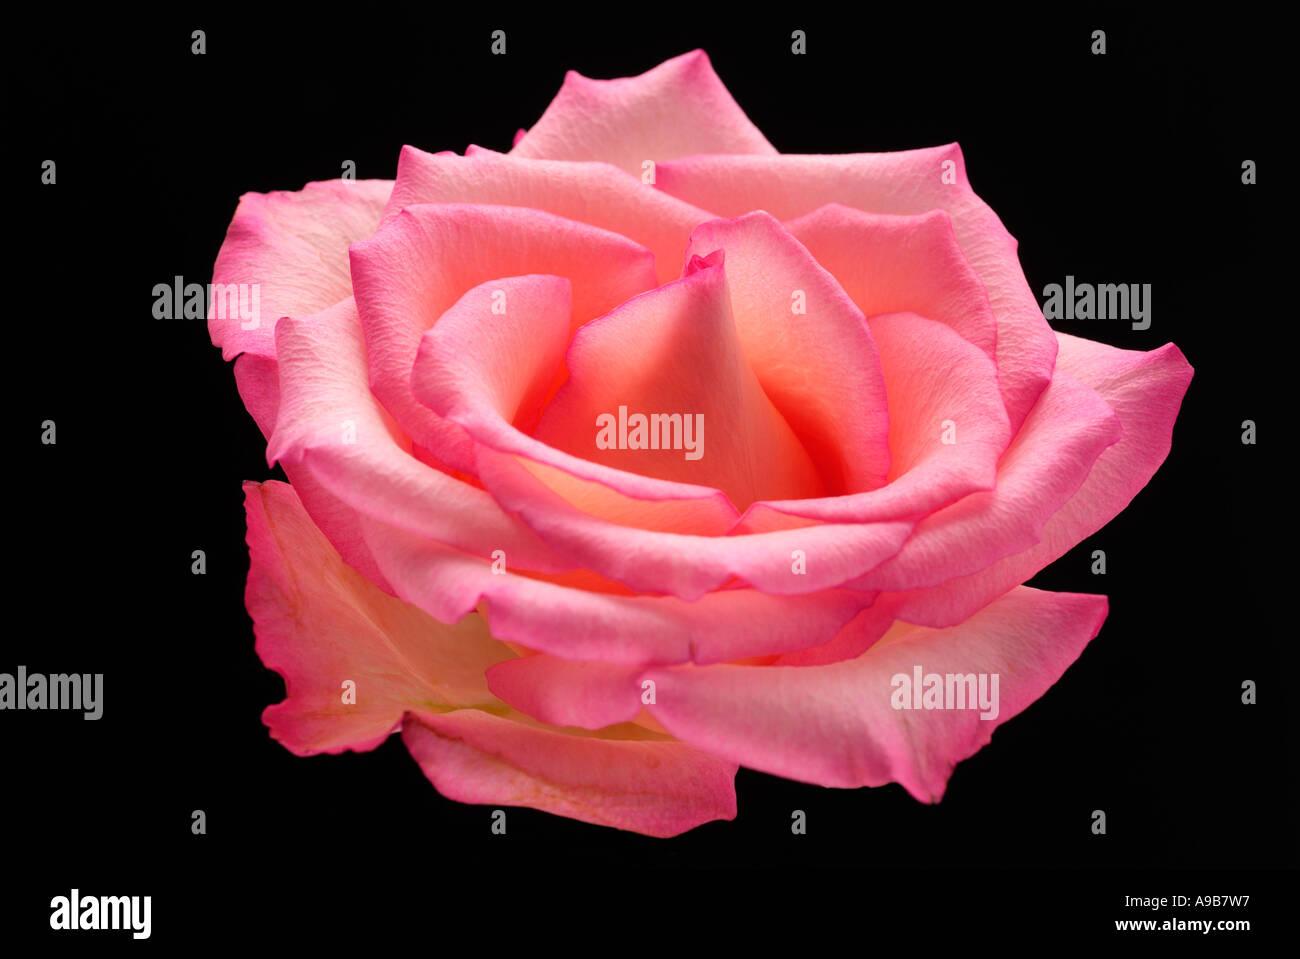 Rouge Noir Rose Fleur Nature Unique Tige Feuille Decoupe Naturel